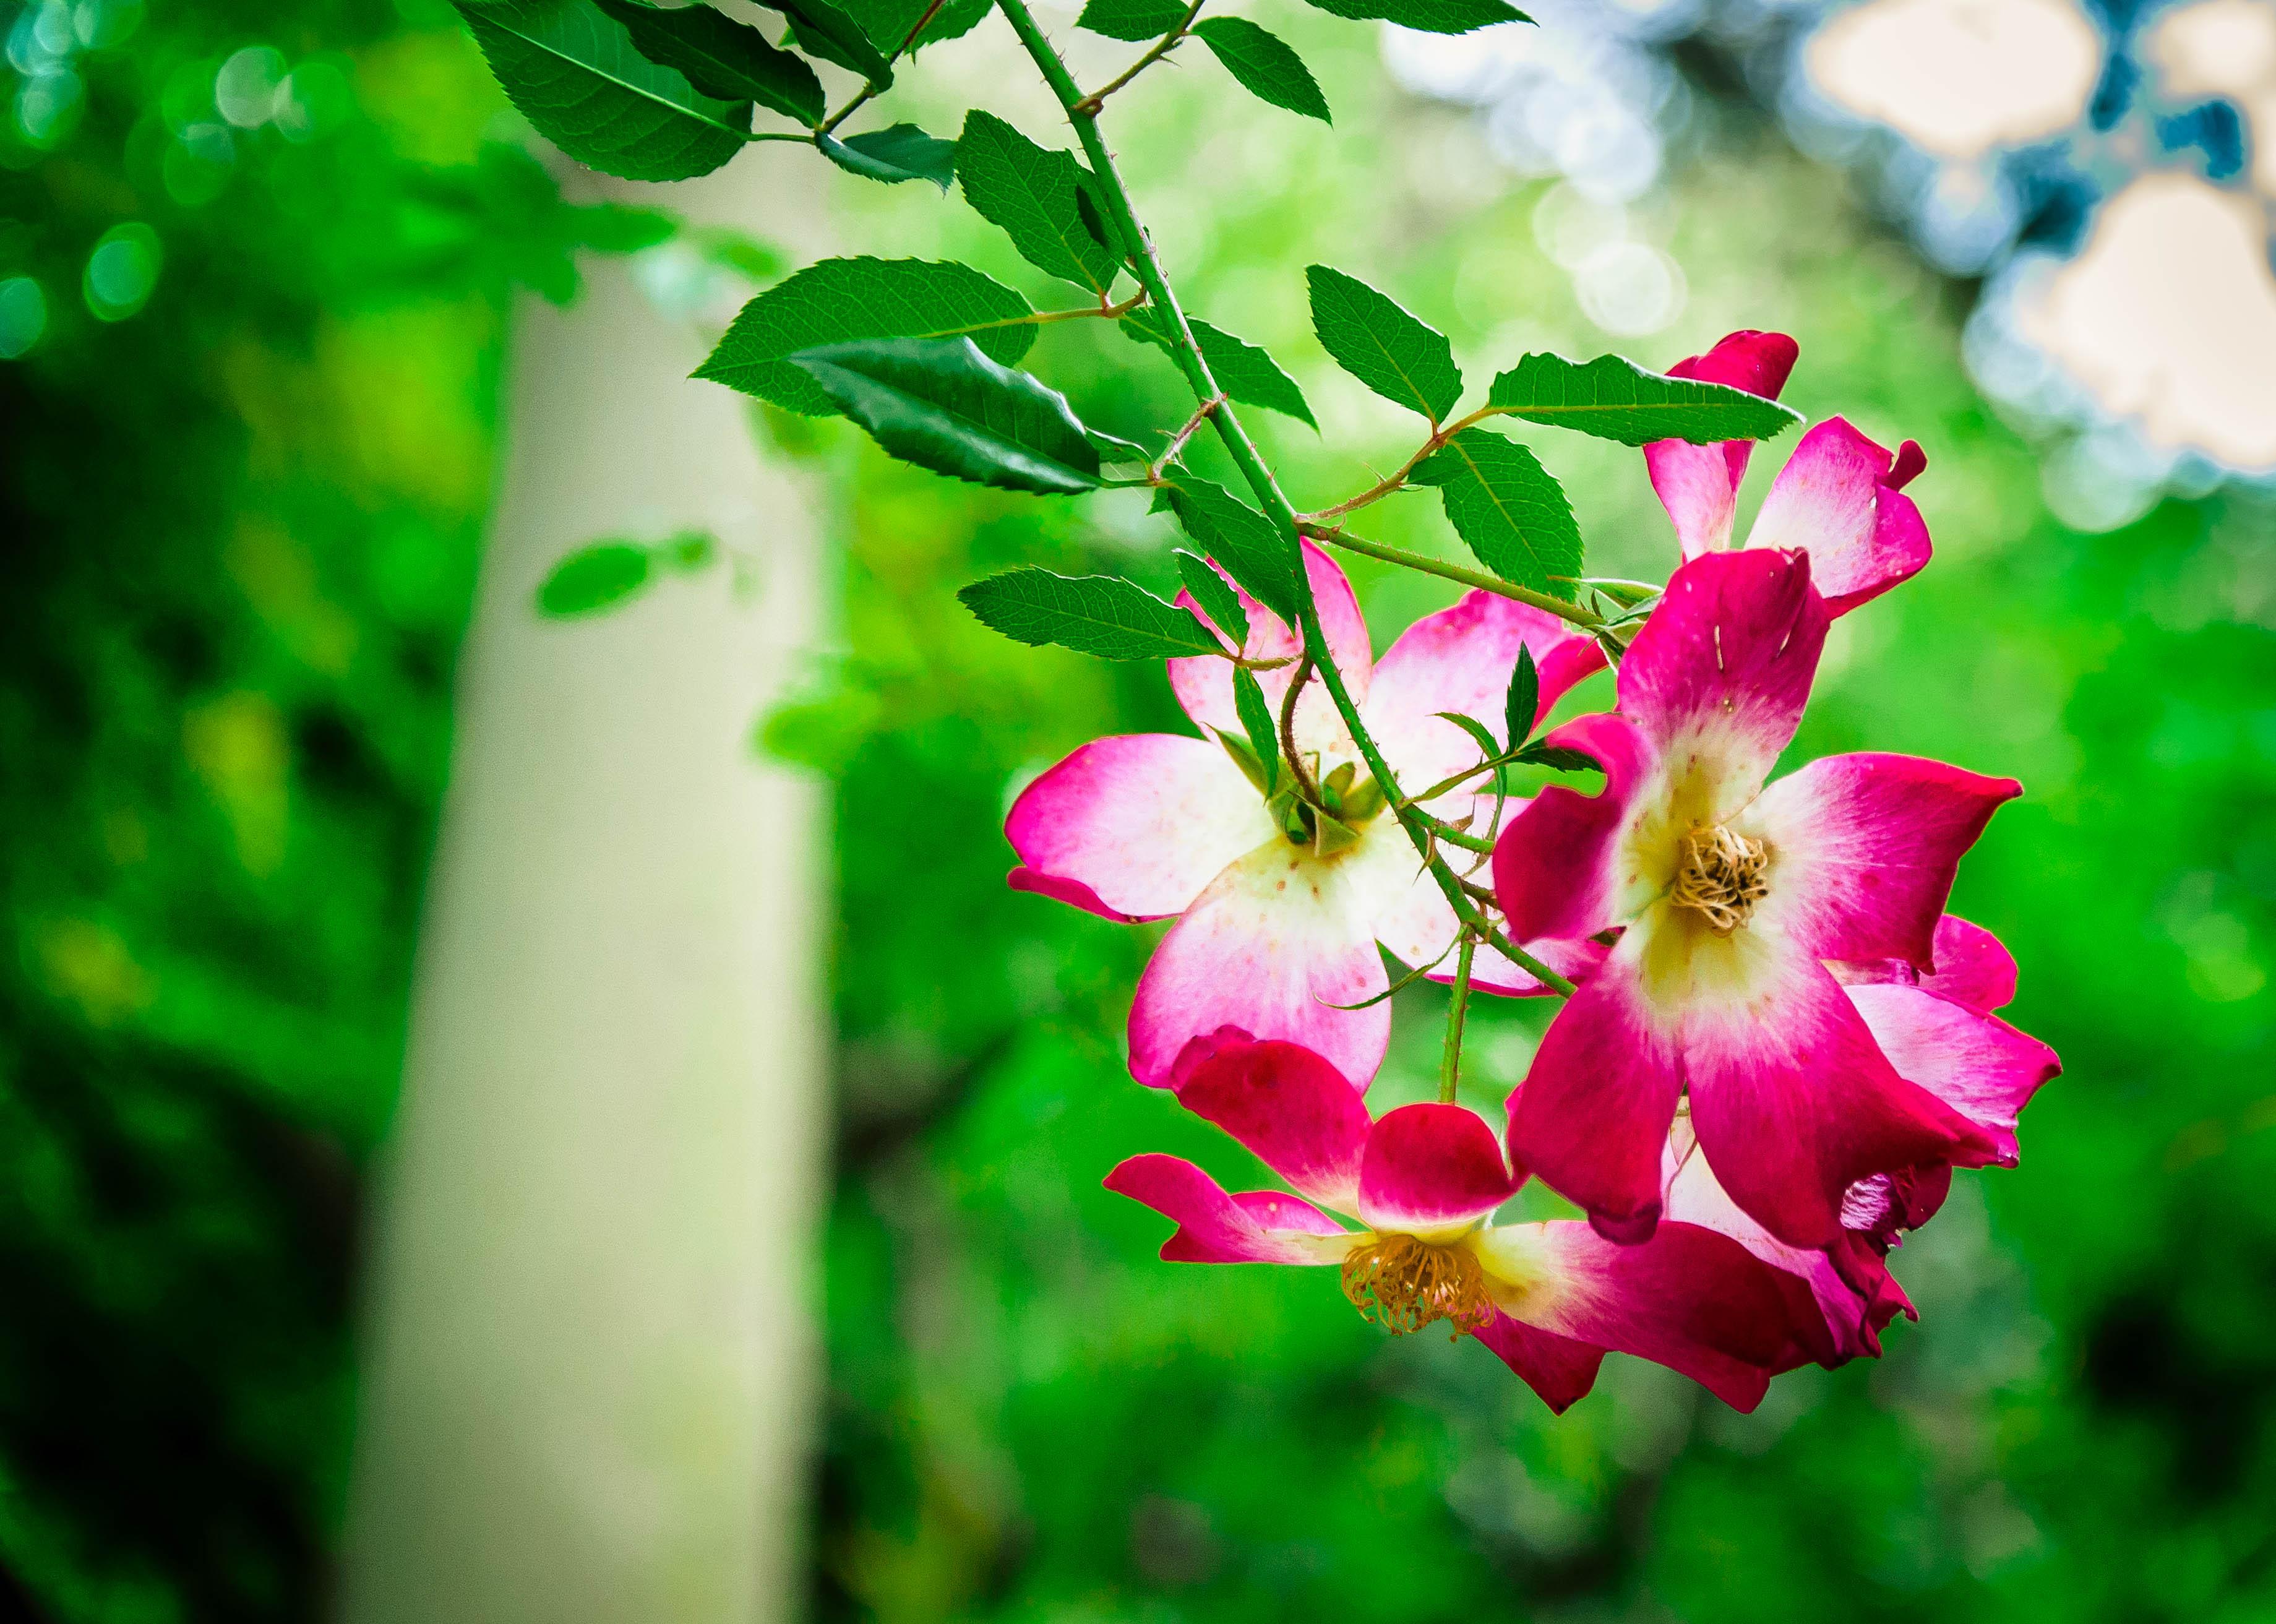 Flickr - Orto botanico, Palermo, Sicily